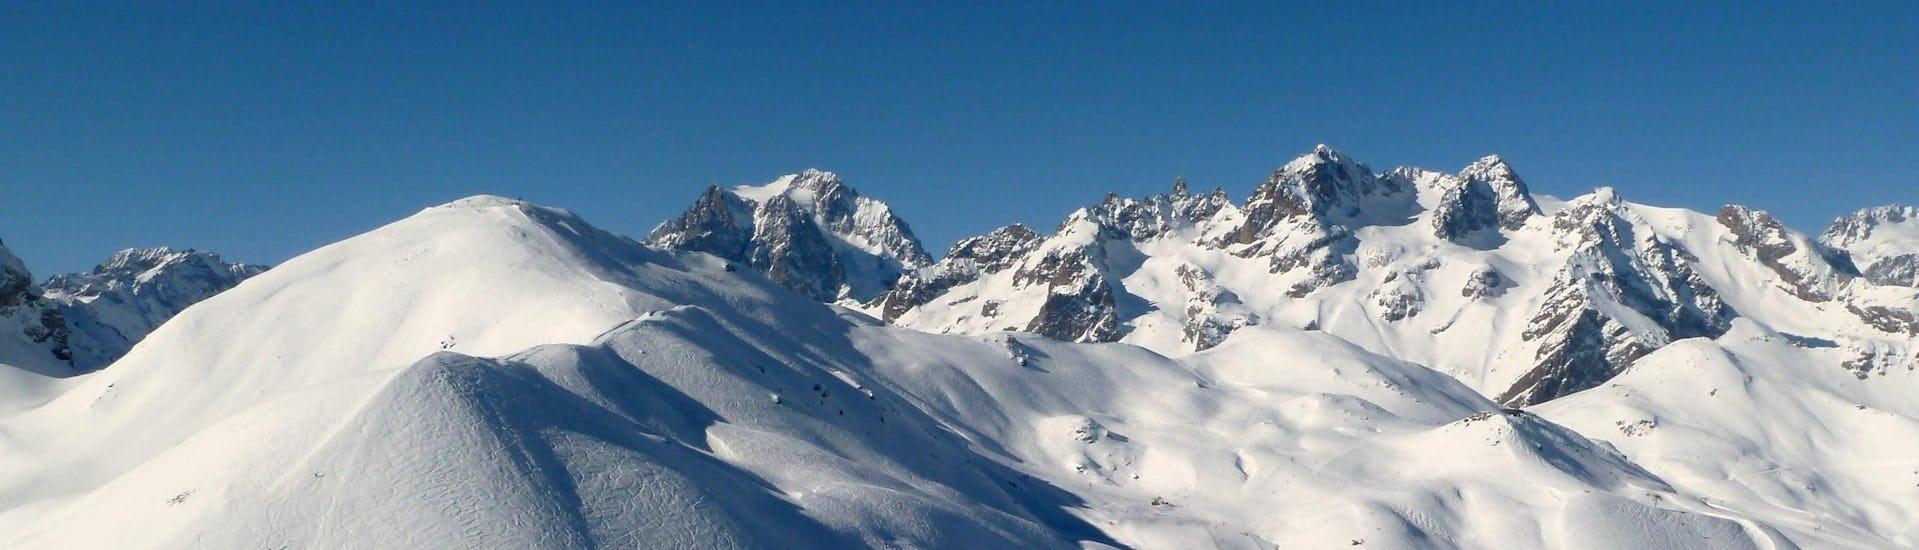 Vue sur un paysage de montagne ensoleillé lors d'un cours de ski avec l'une des écoles de ski à Serre Chevalier Vallée.